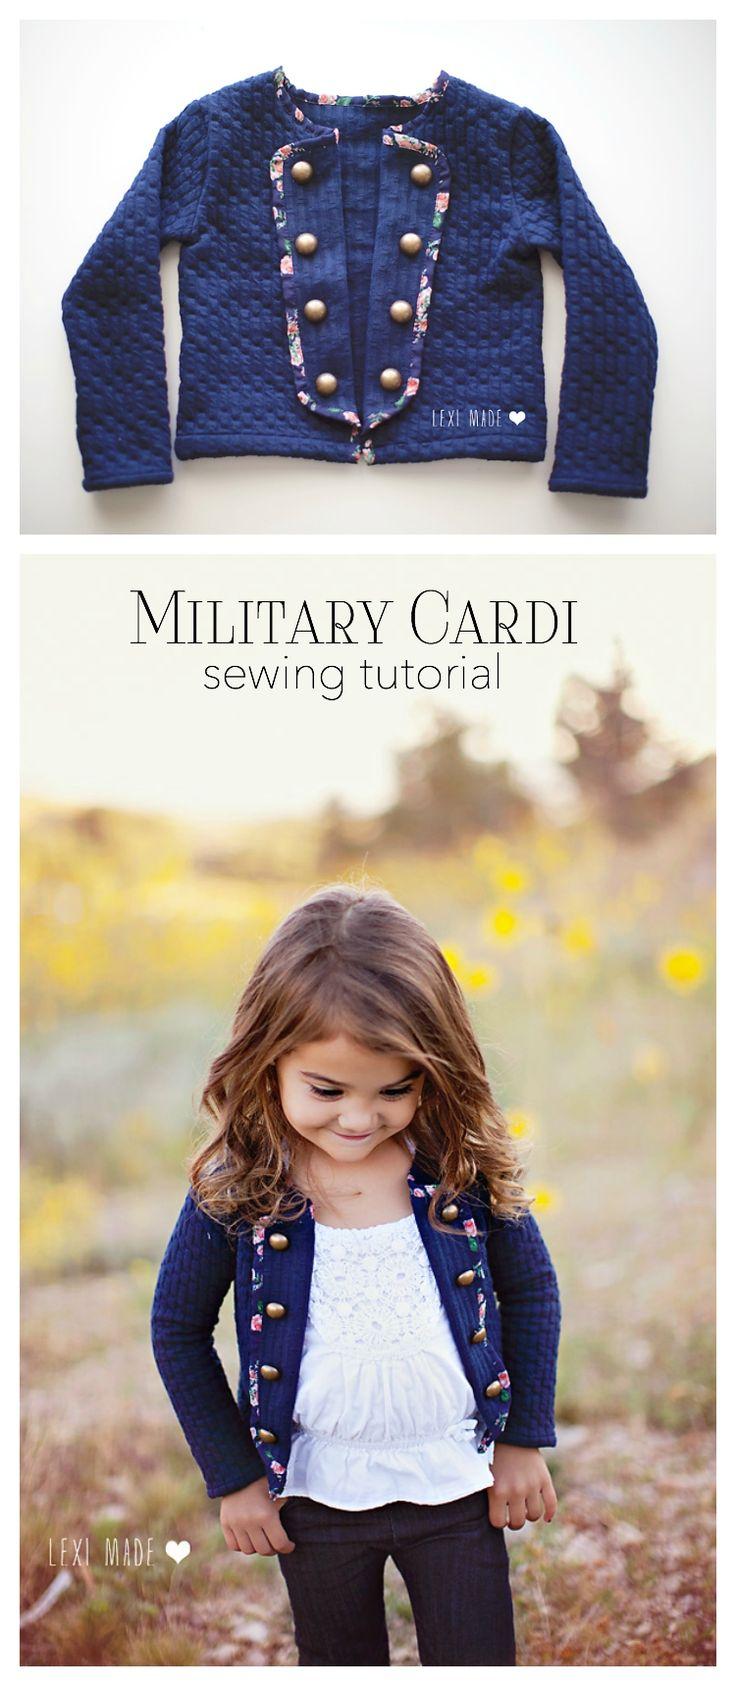 Military Cardi DIY